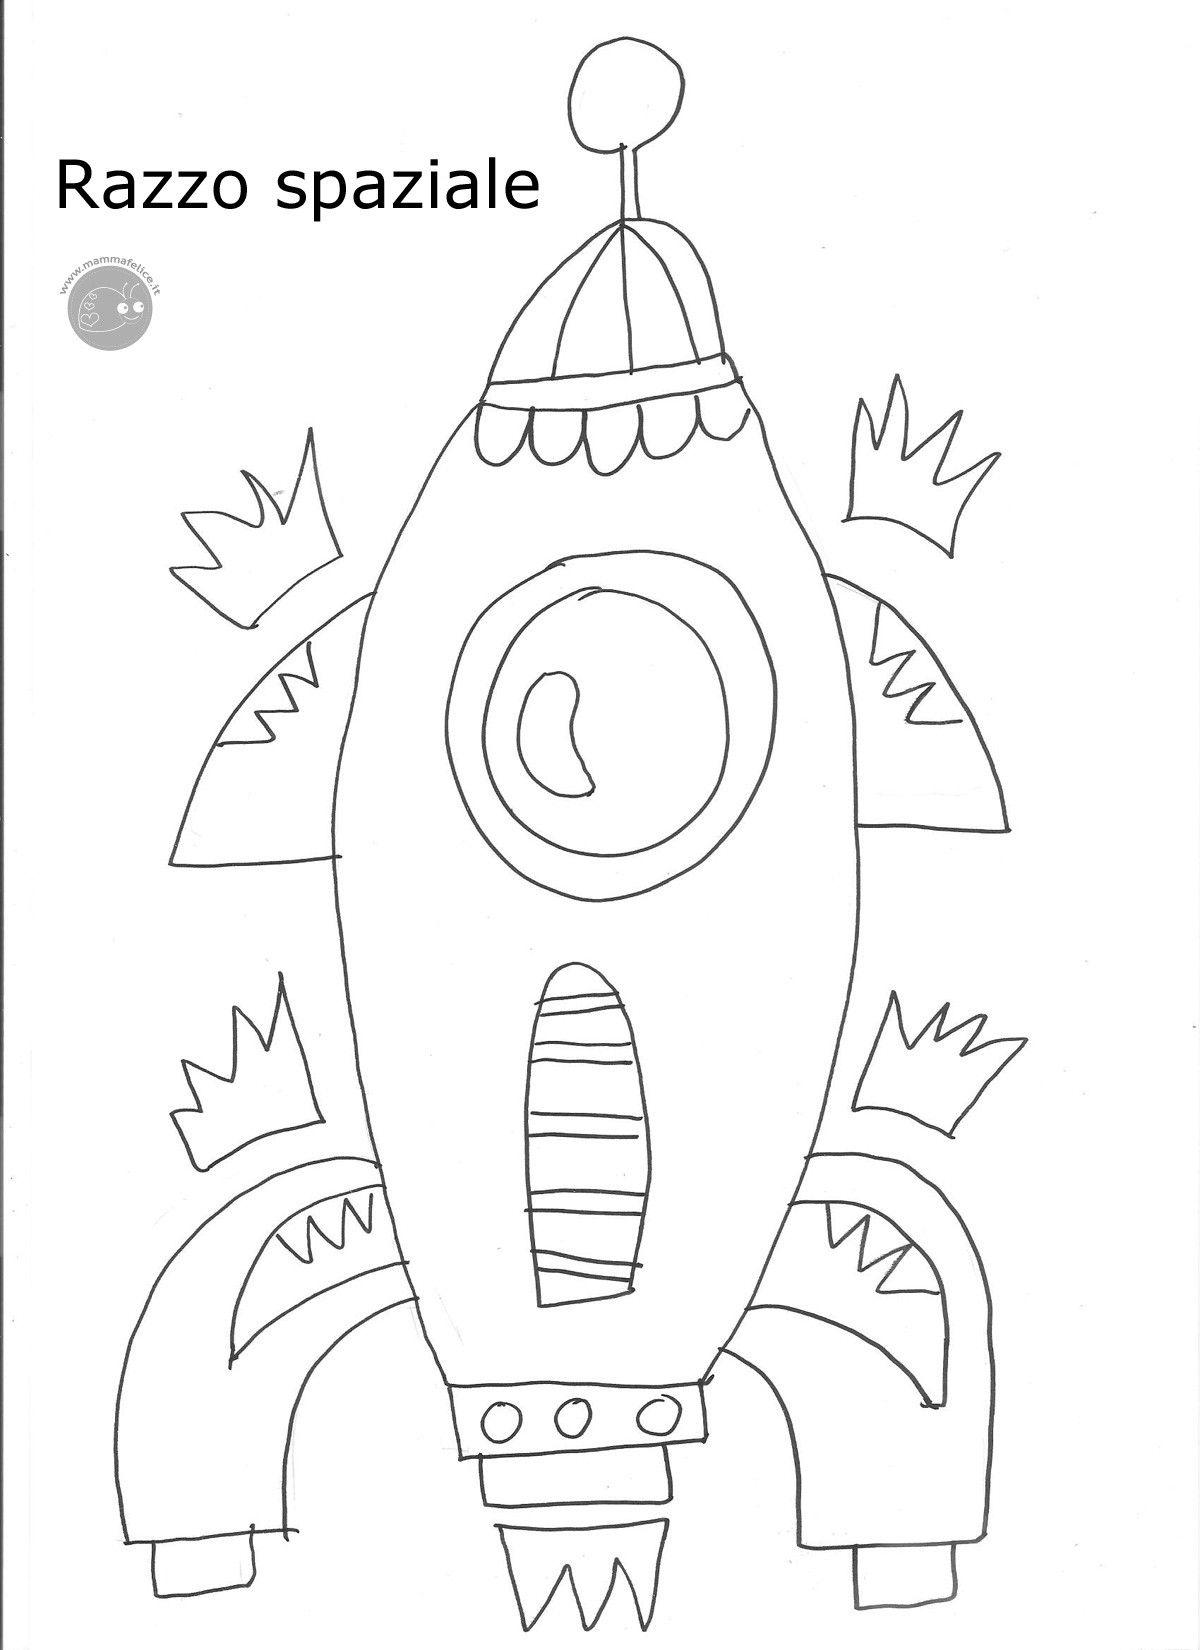 Disegna E Colora Il Meglio Di Disegno Razzo Spaziale Of Disegna E Colora Disegna E Colora Il Meglio Di Disegno Razzo Spaziale Of Disegna Nel 2020 Disegni Razzi Spaziali